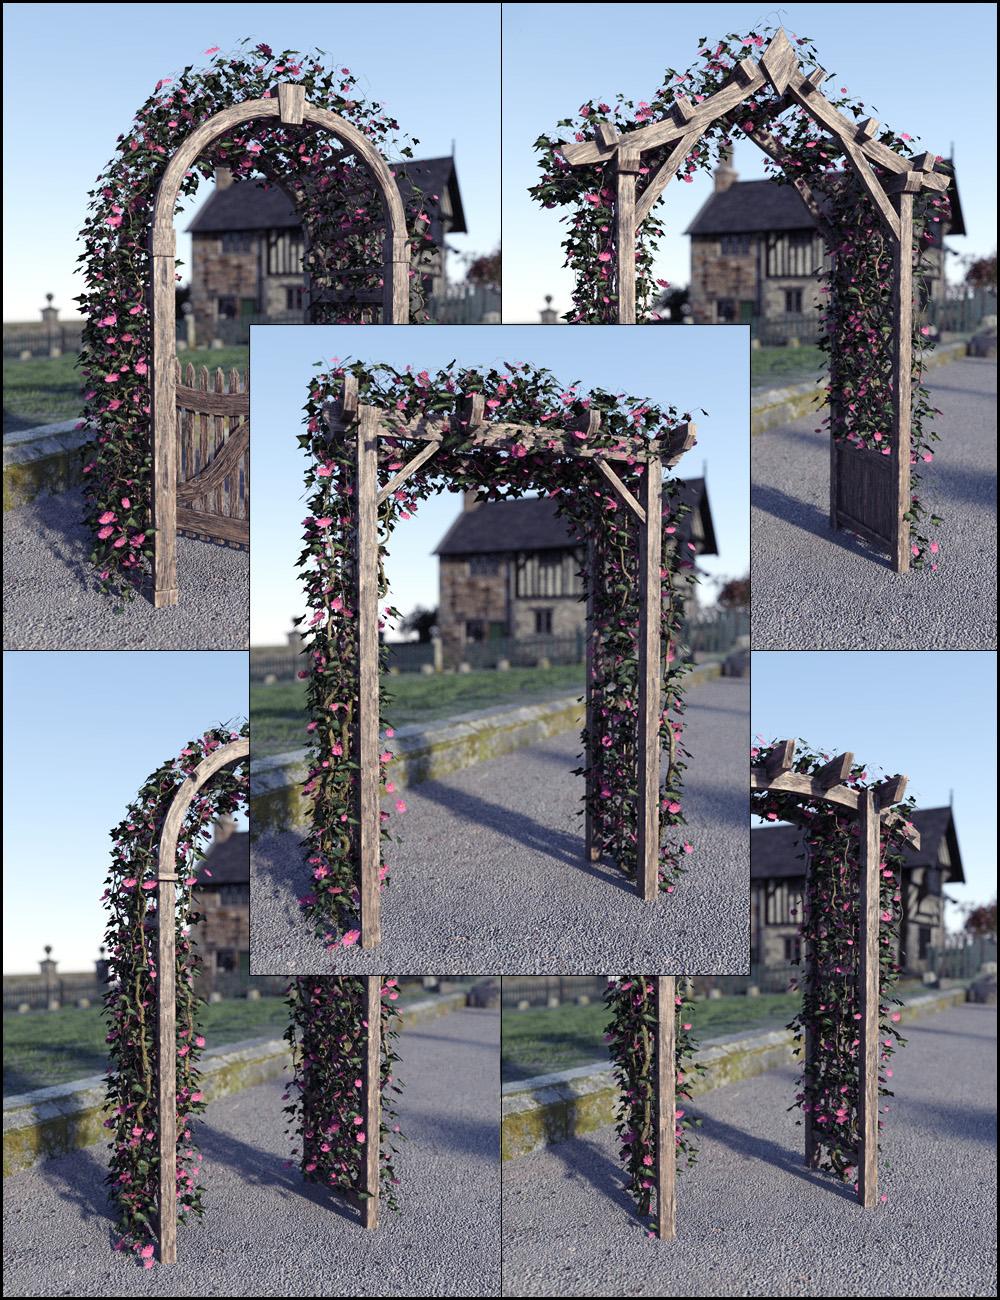 Garden Arches Vol 1 by: David BrinnenForbiddenWhispers, 3D Models by Daz 3D